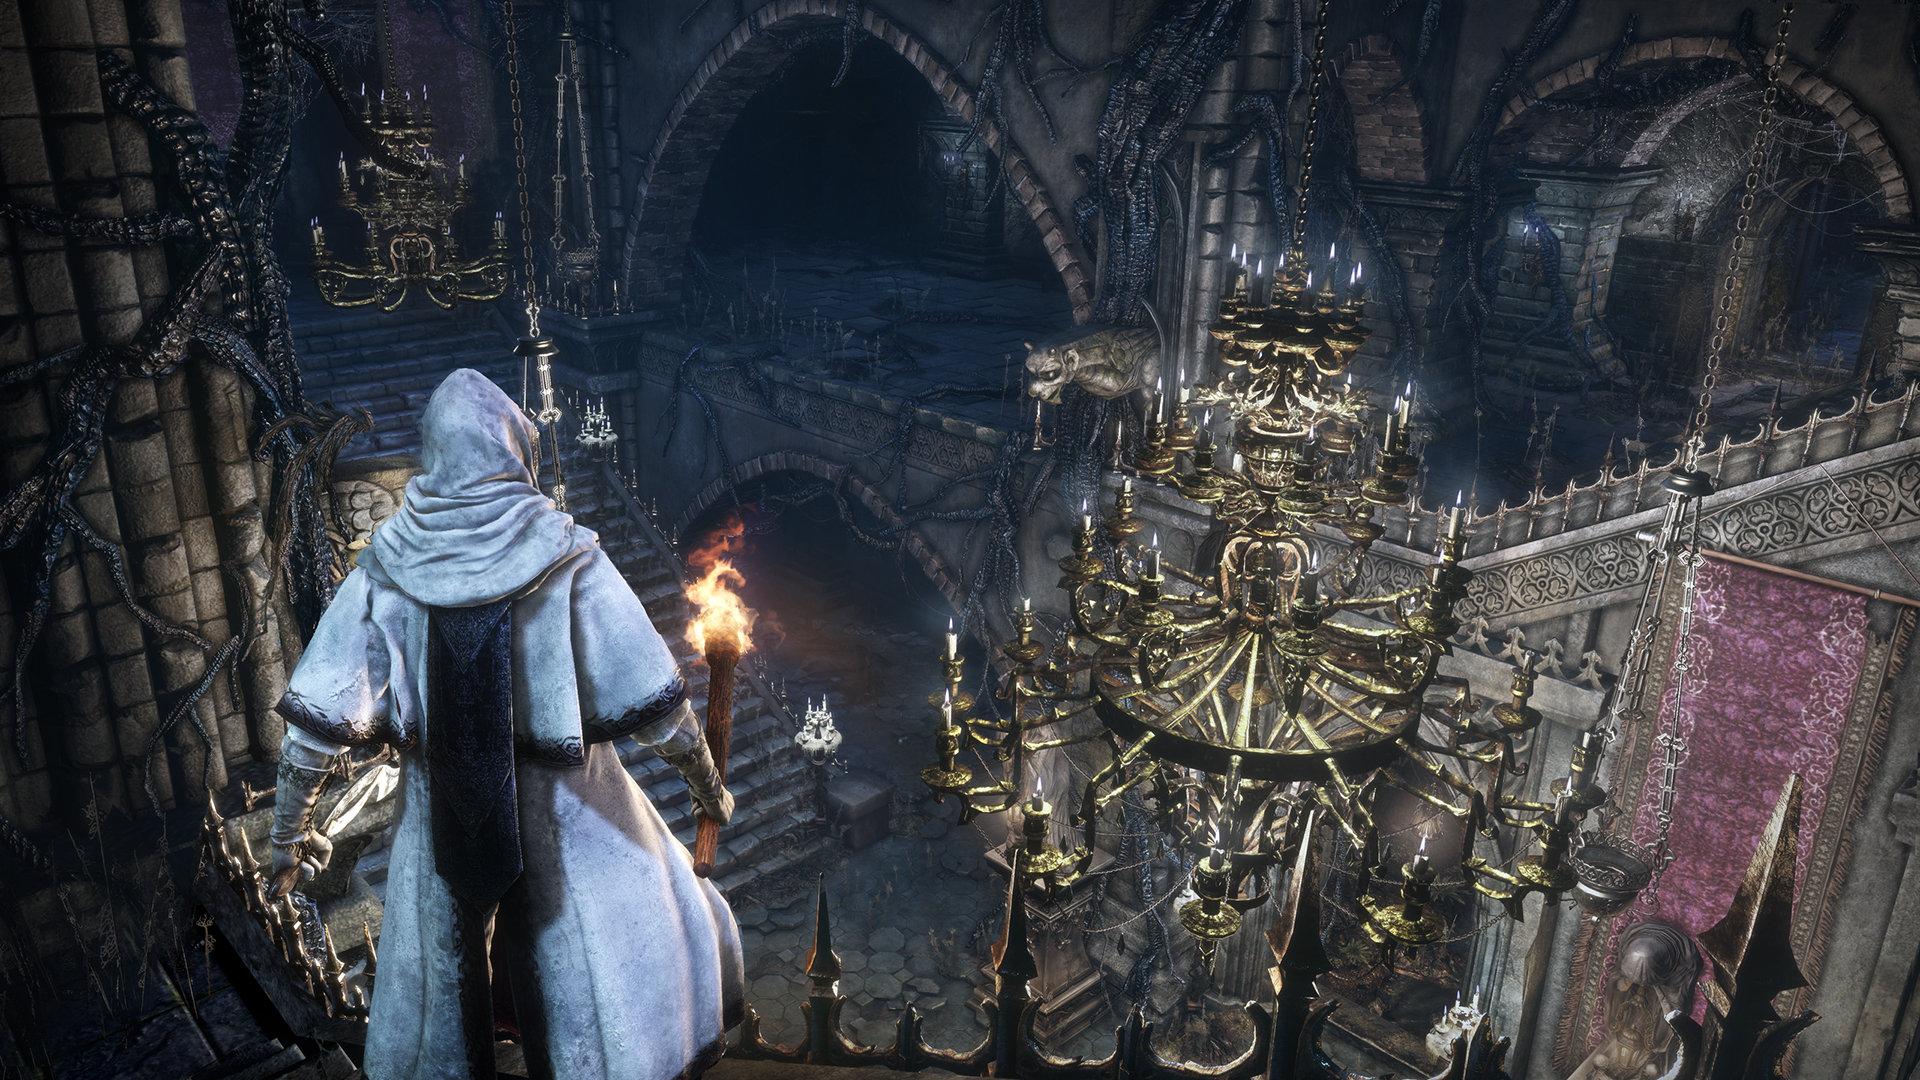 bloodborne-chalice-dungeon-architecture-